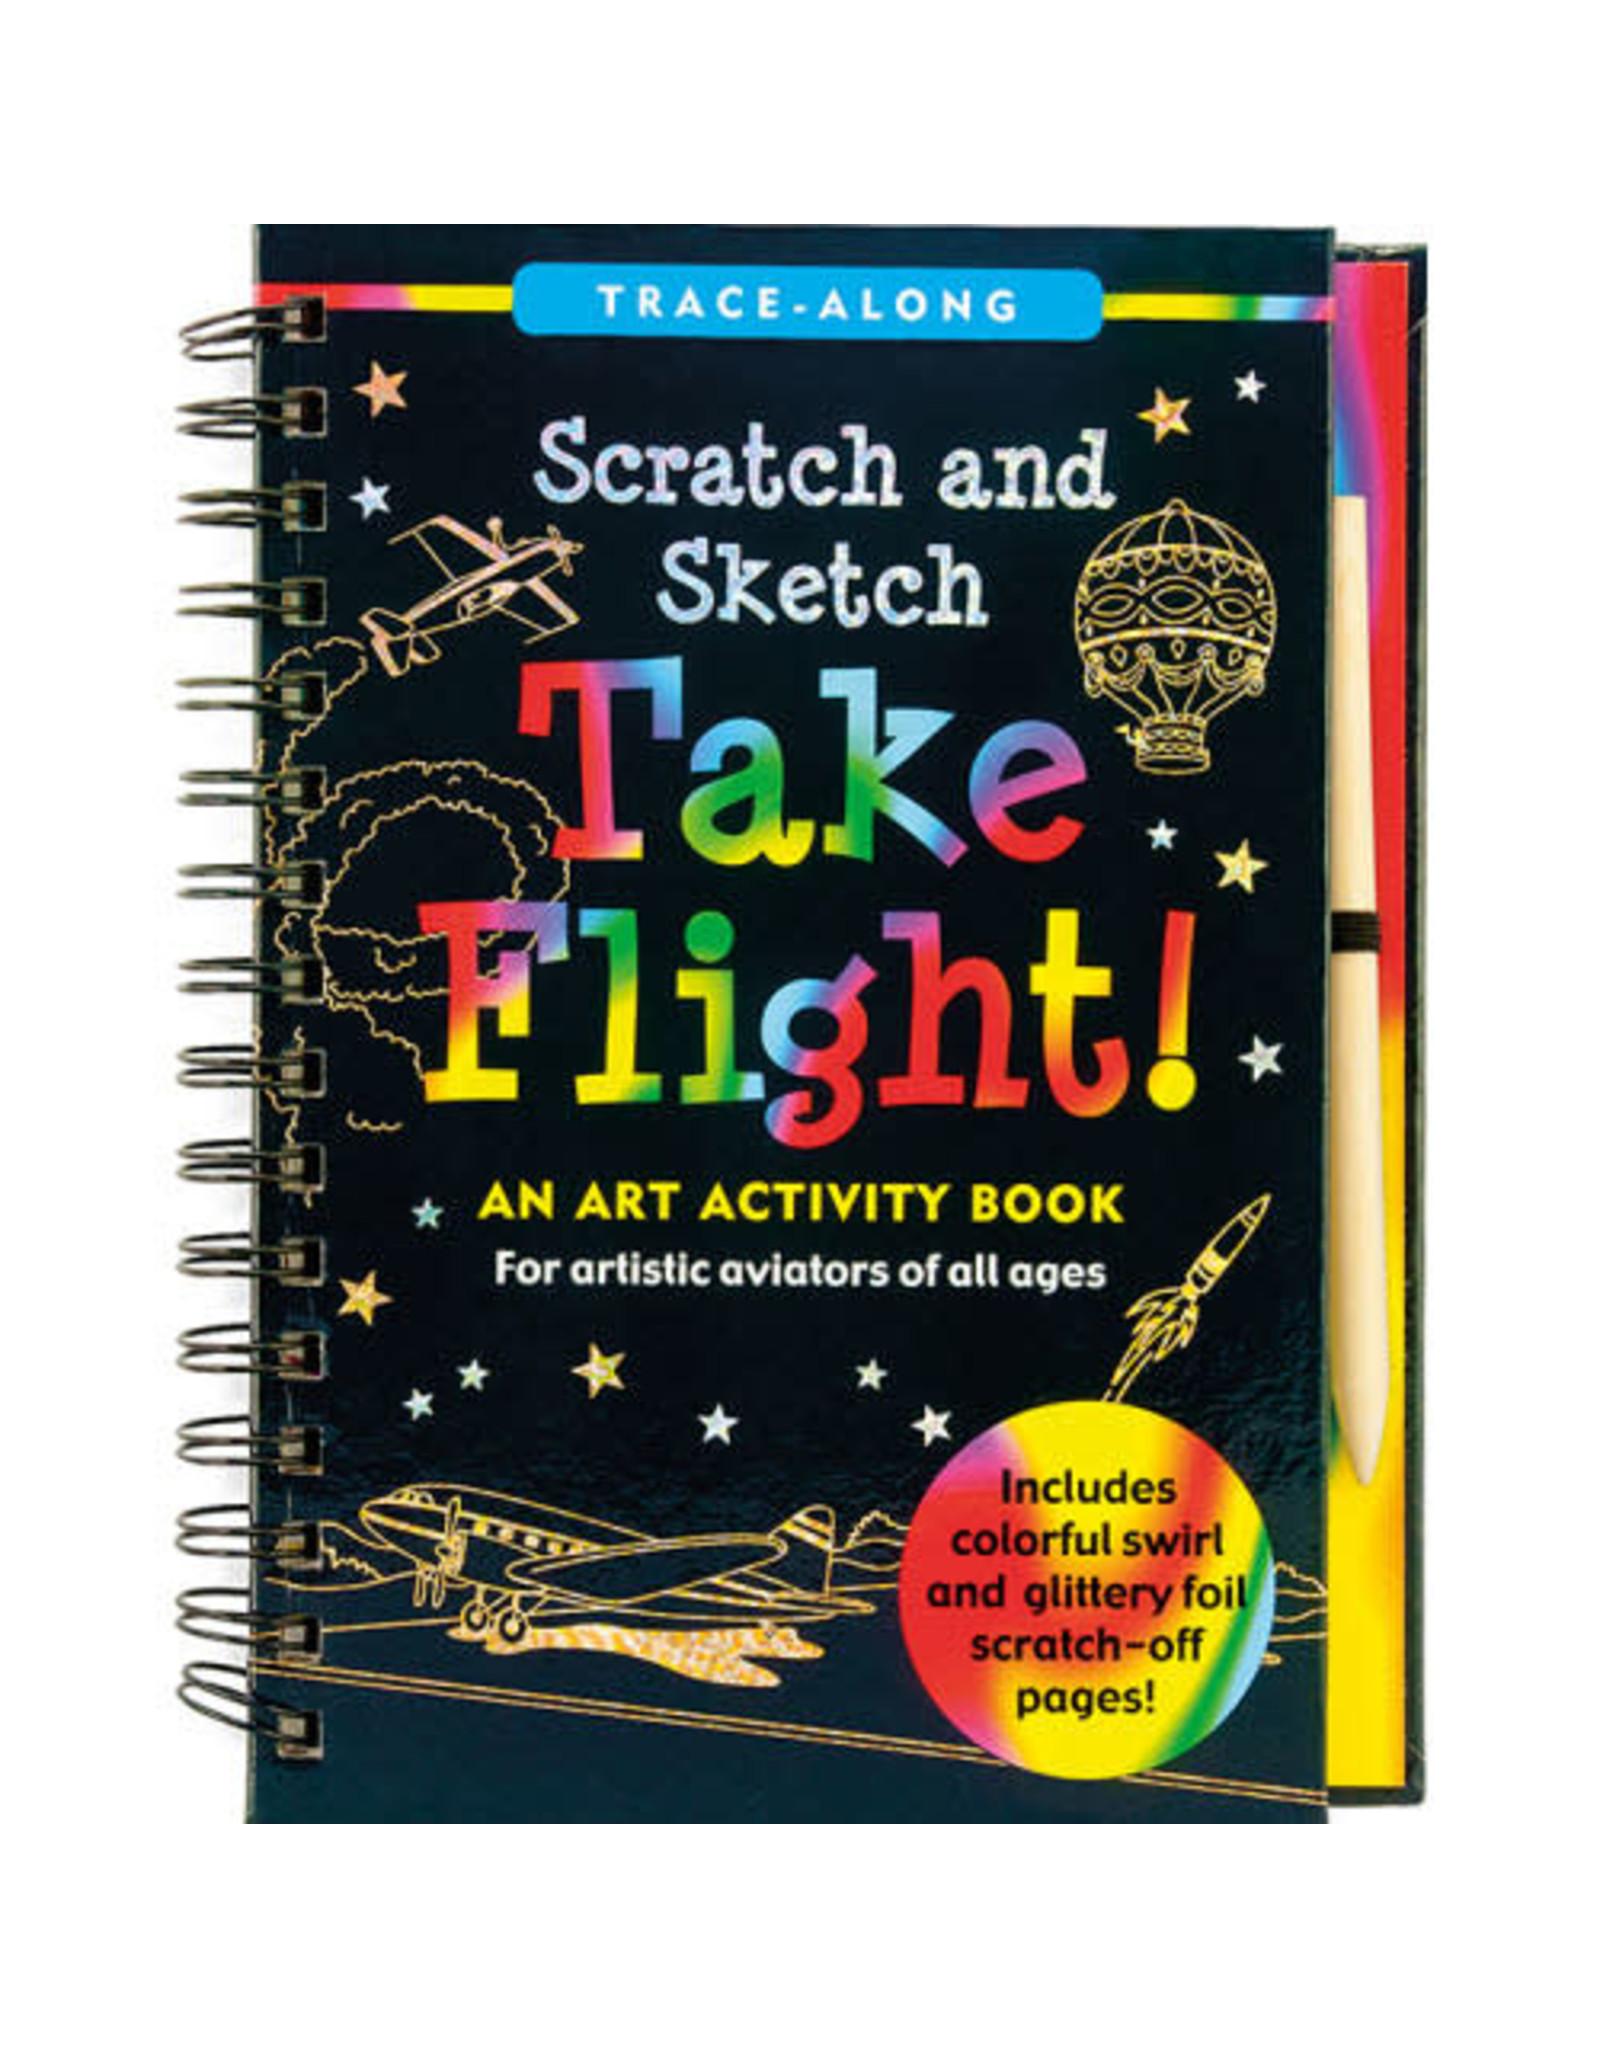 Scratch & Sketch Book - take flight